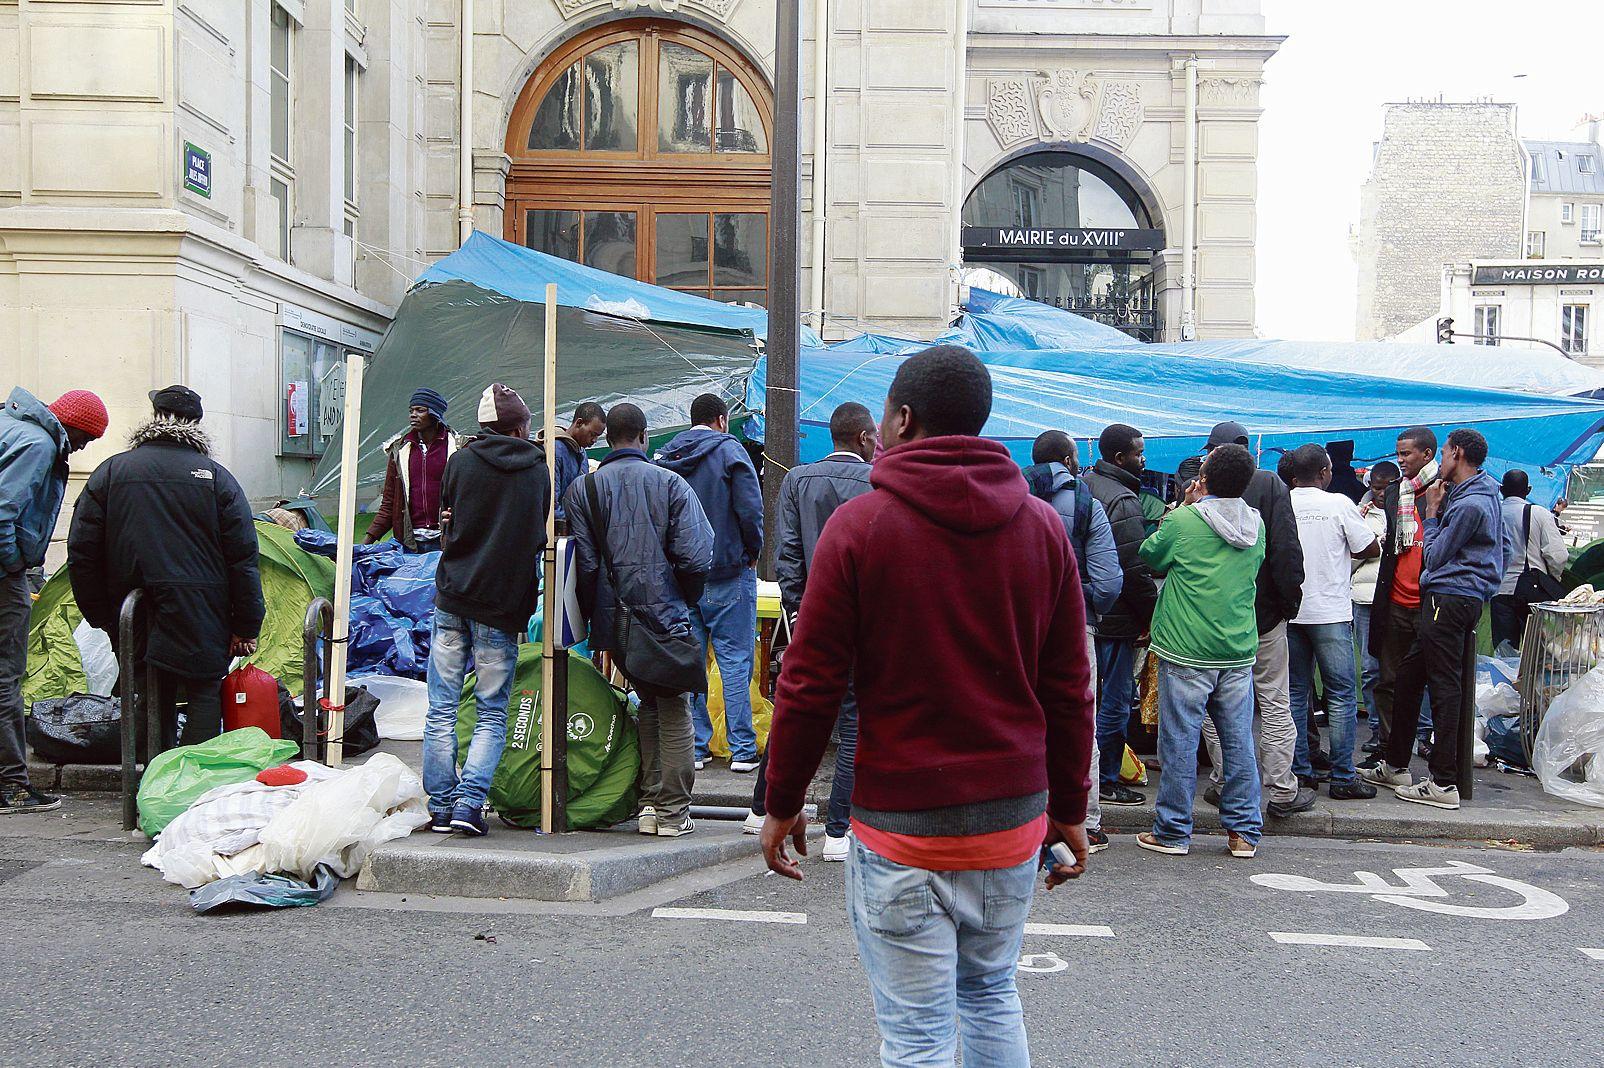 migrants devant la mairie du xviiie arrondissement de paris des matelas m me le sol. Black Bedroom Furniture Sets. Home Design Ideas